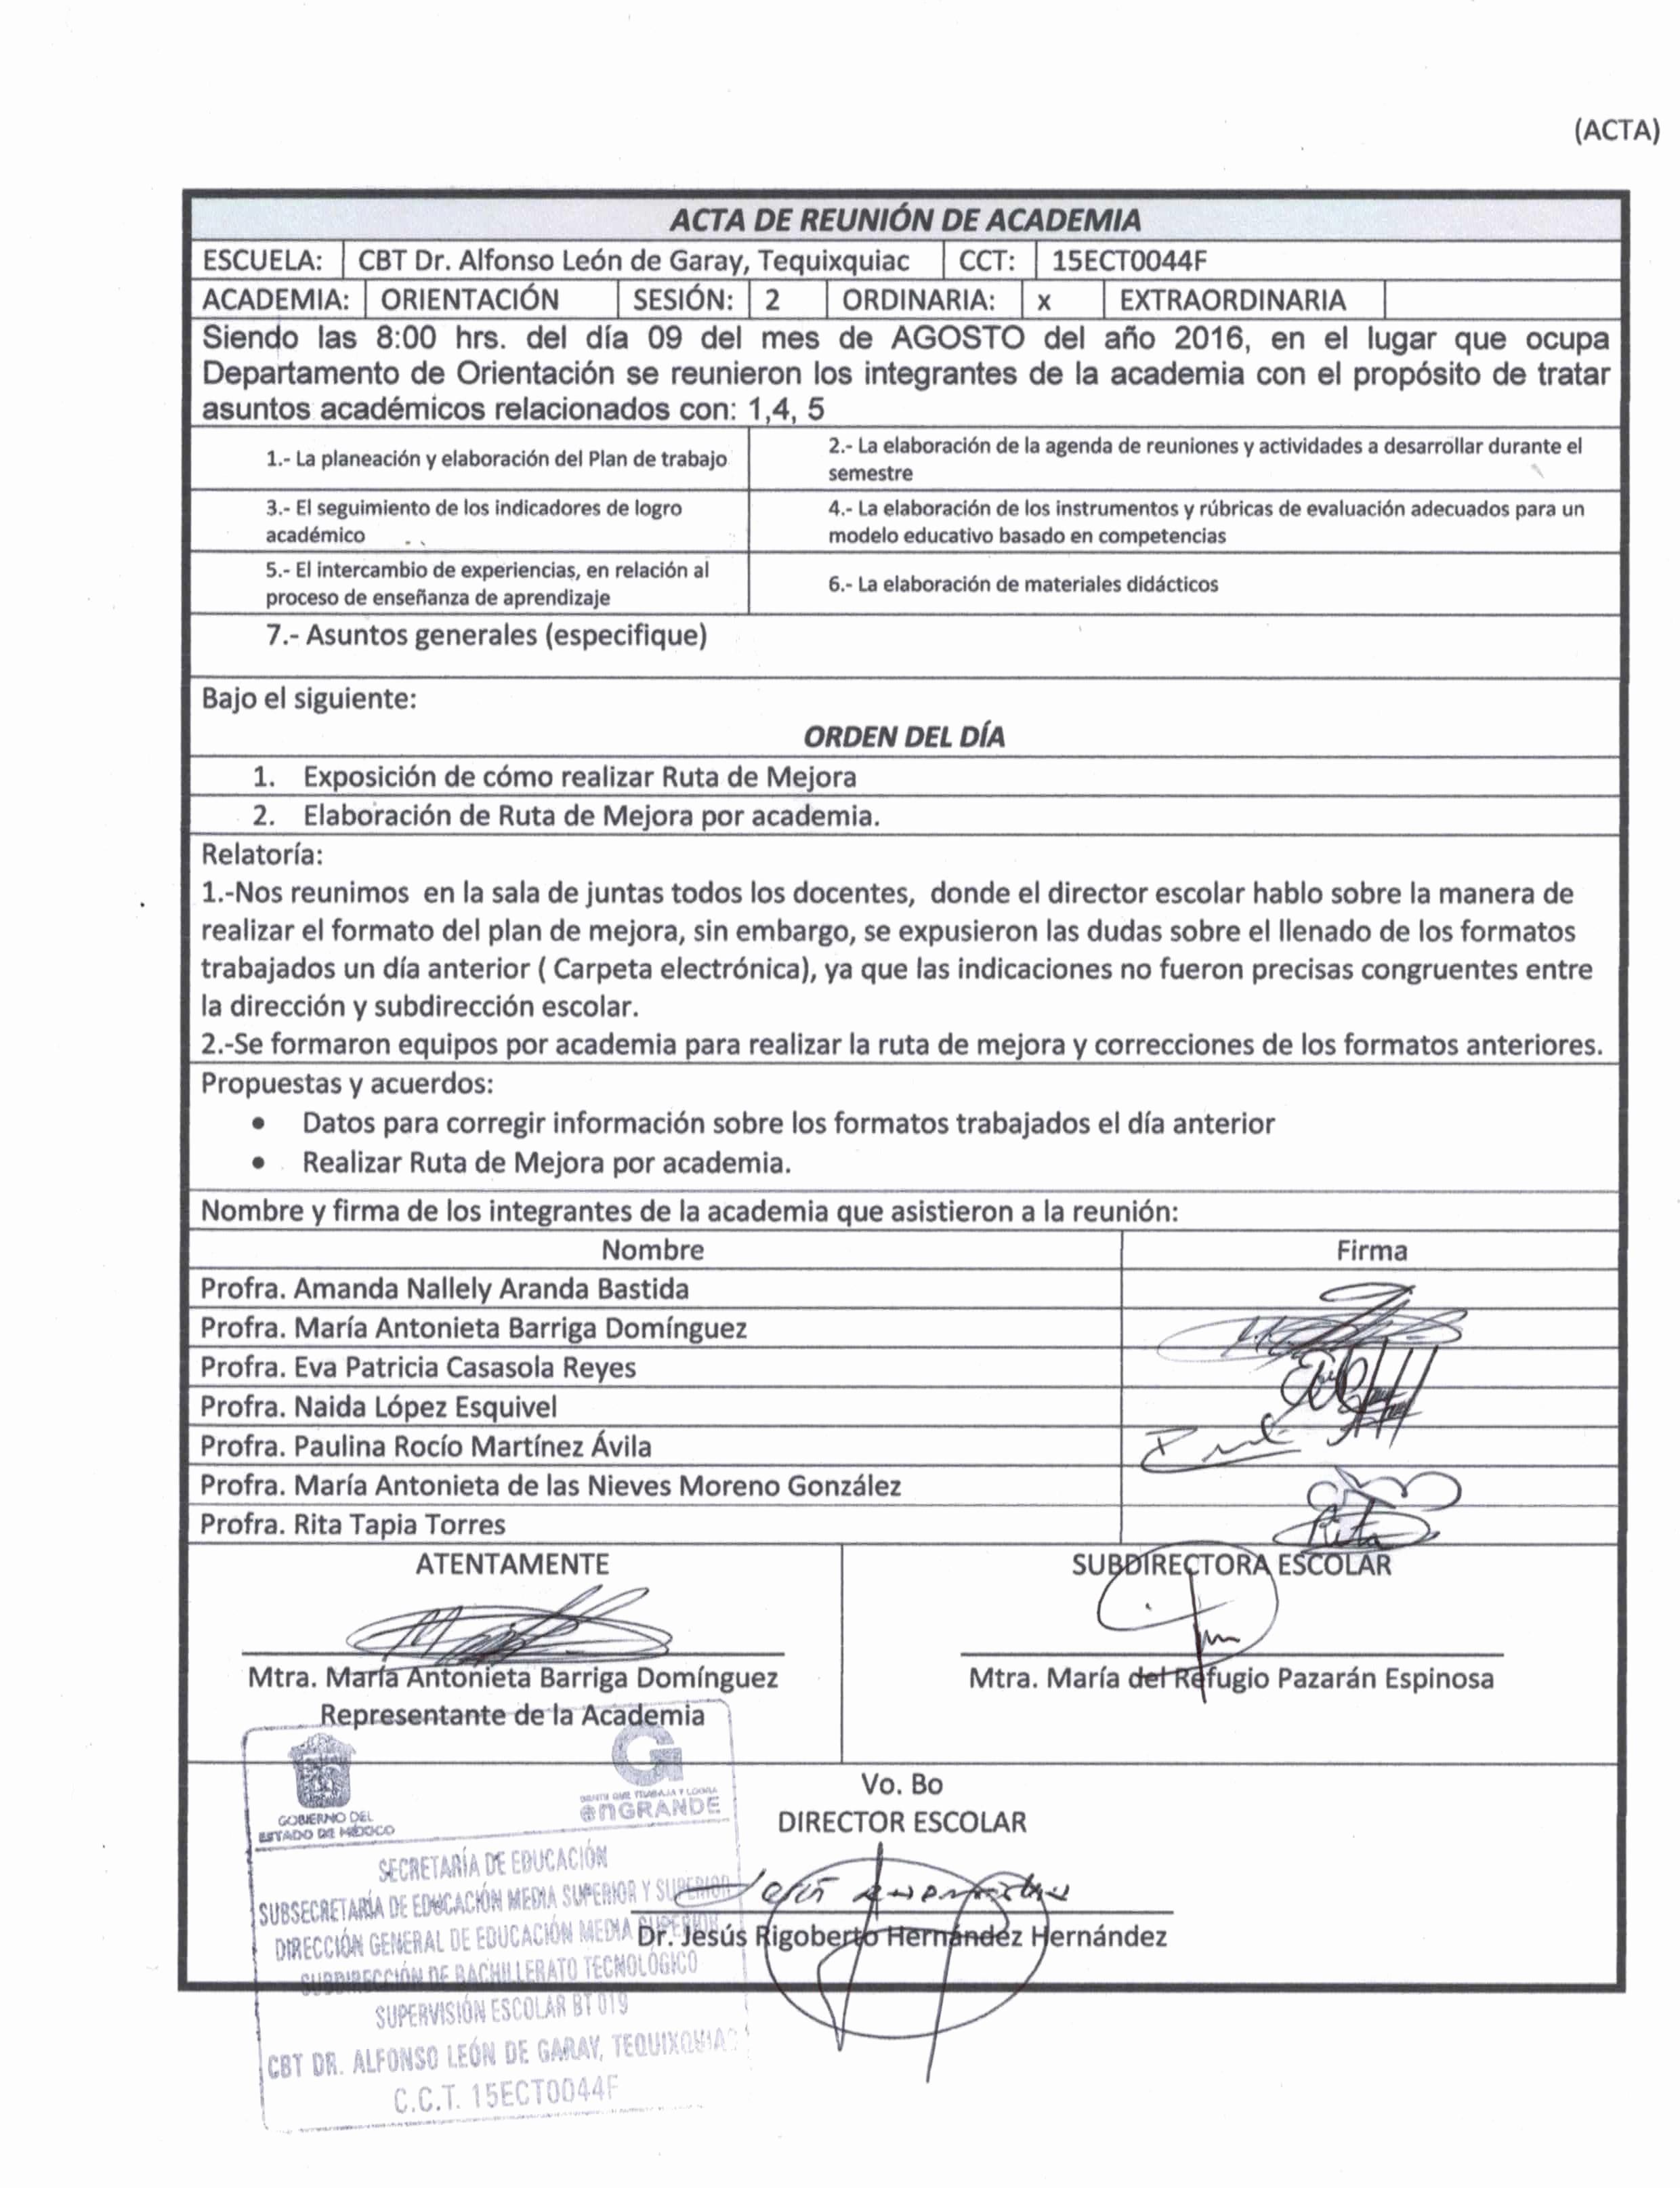 Formato De Agenda De Reuniones Inspirational Cbt Dr Alfonso León De Garay Tequixquiac